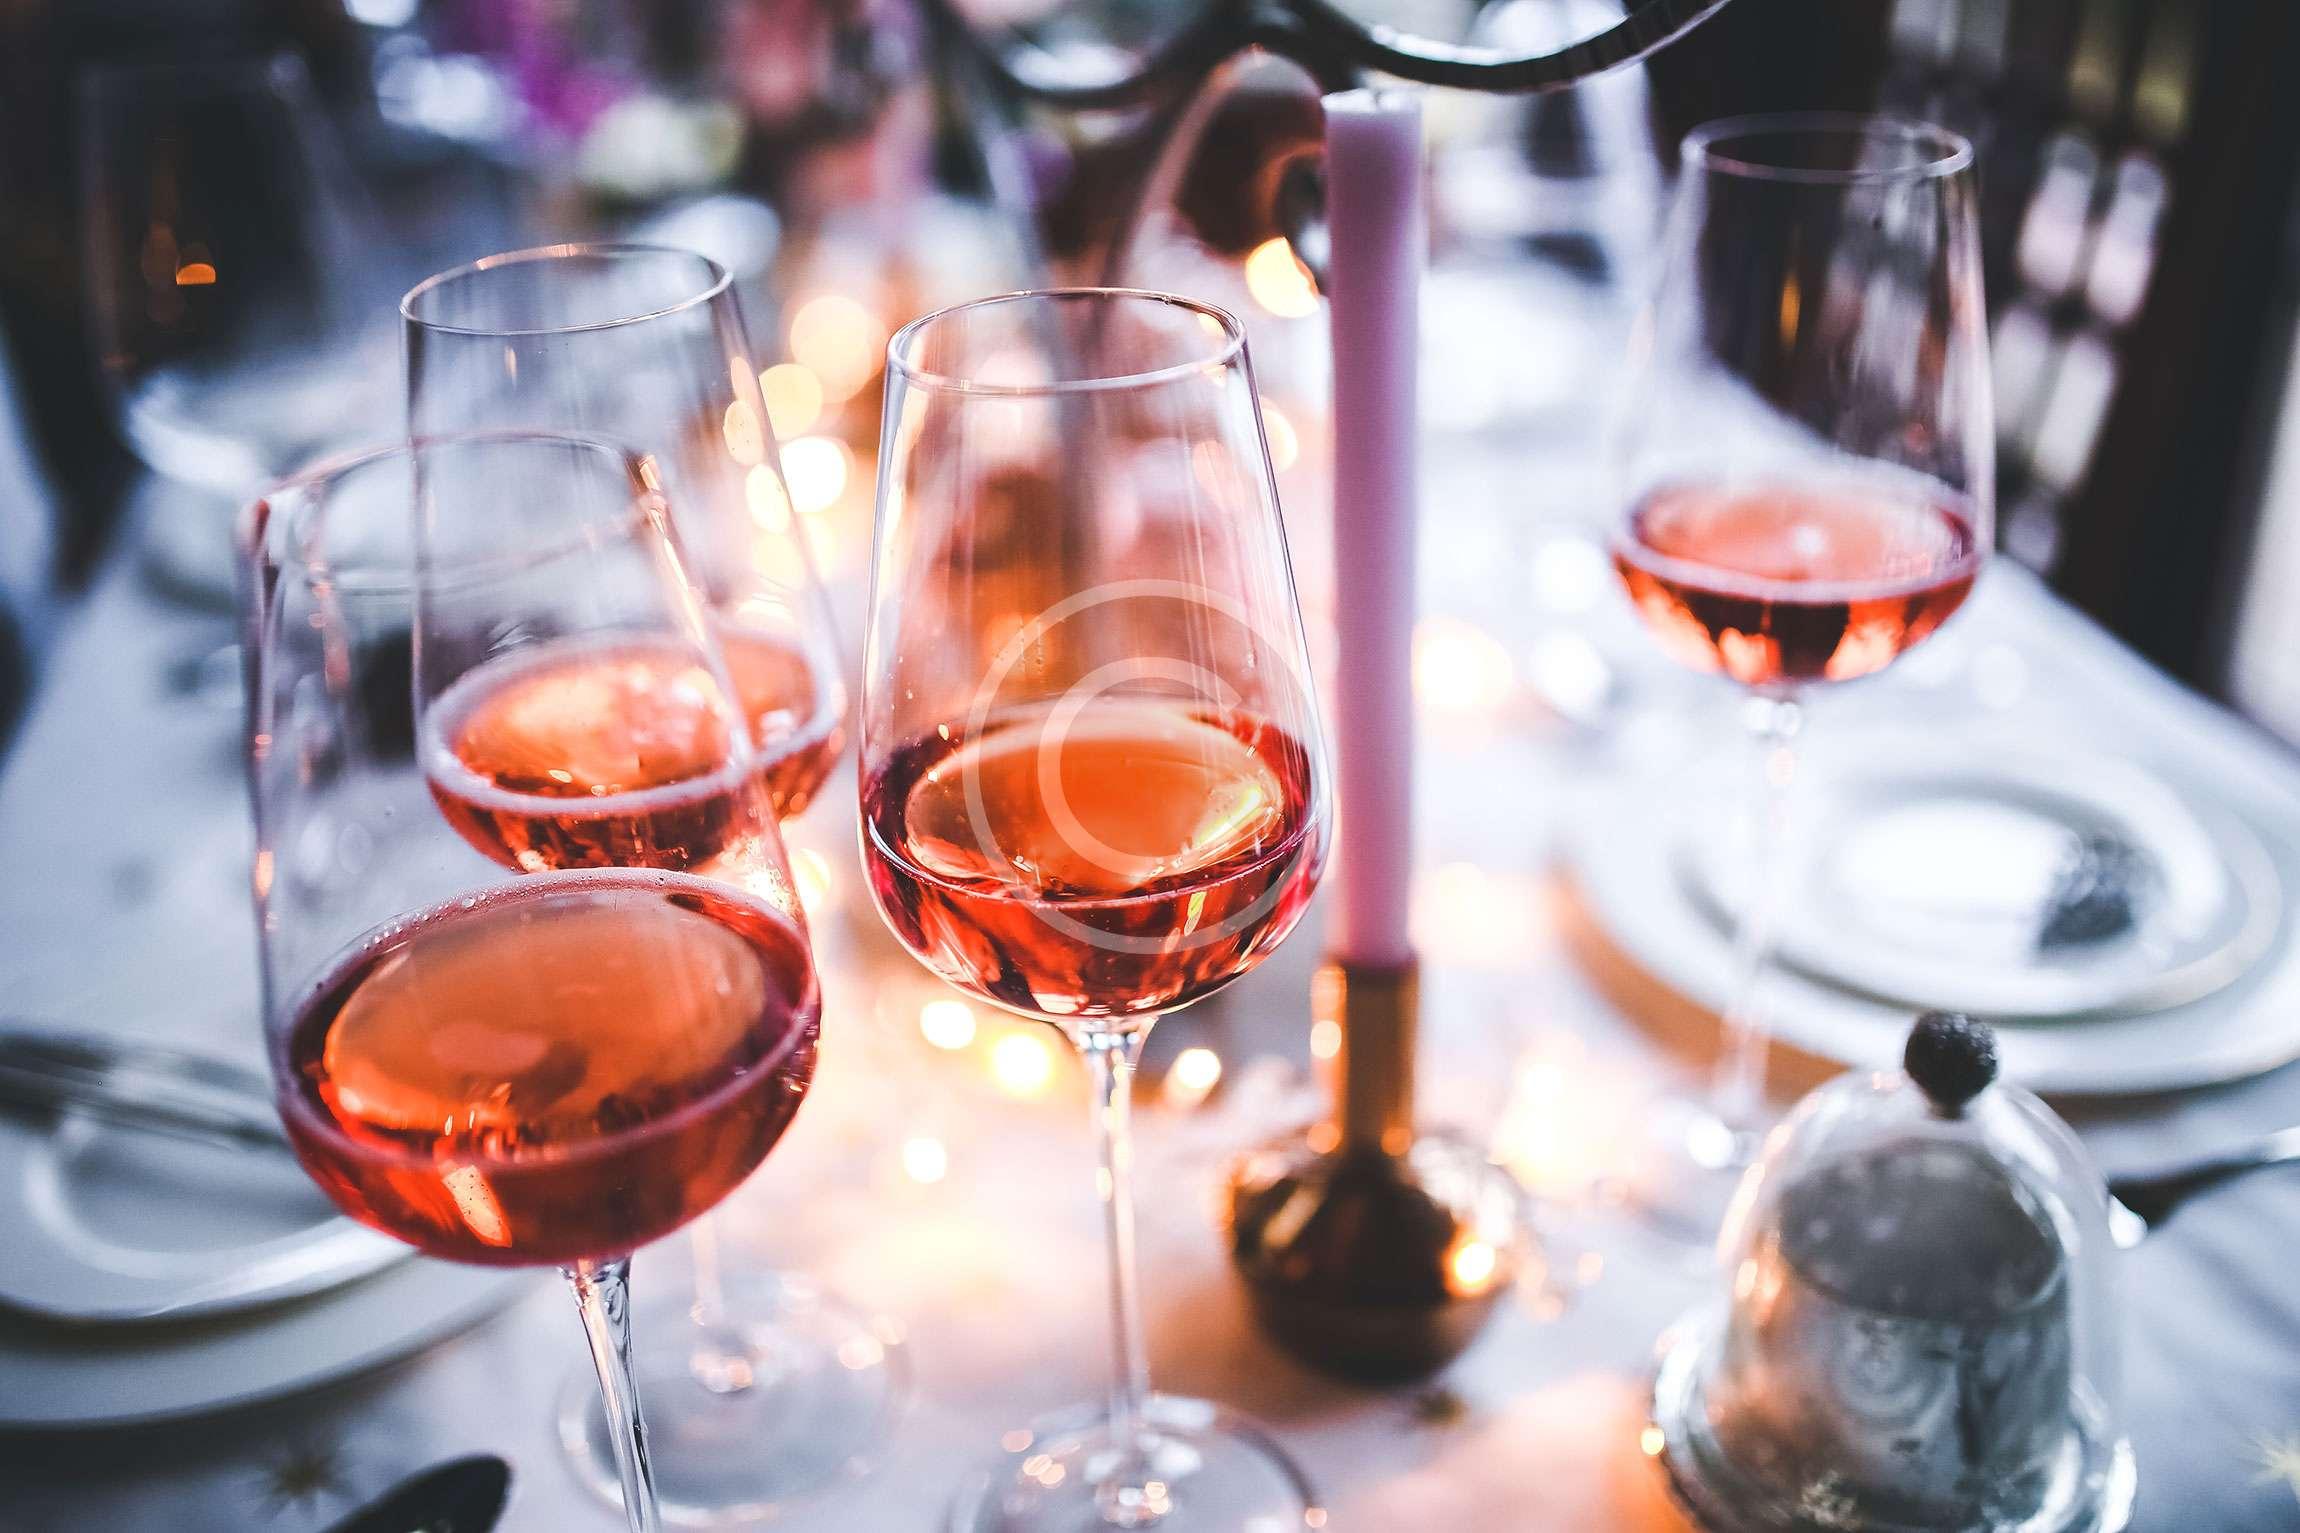 Най-добрите вина са тези които пиеш с приятели